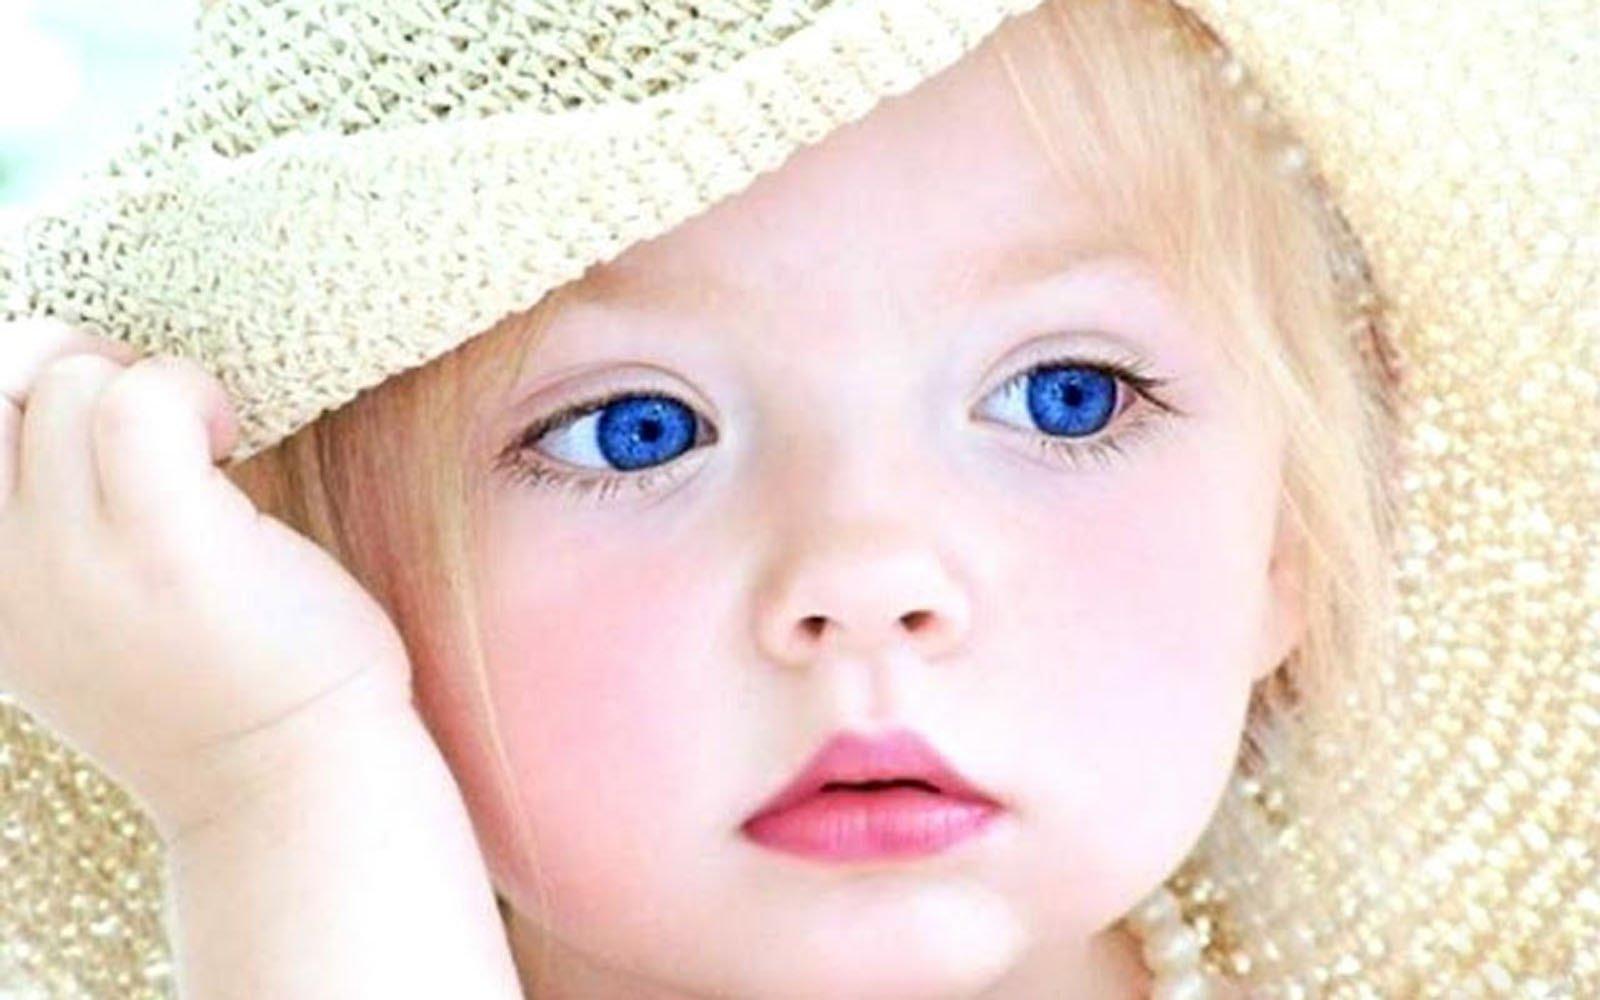 بالصور اجمل الصور اطفال في العالم , اجمل اطفال العالم كيوت 69 1